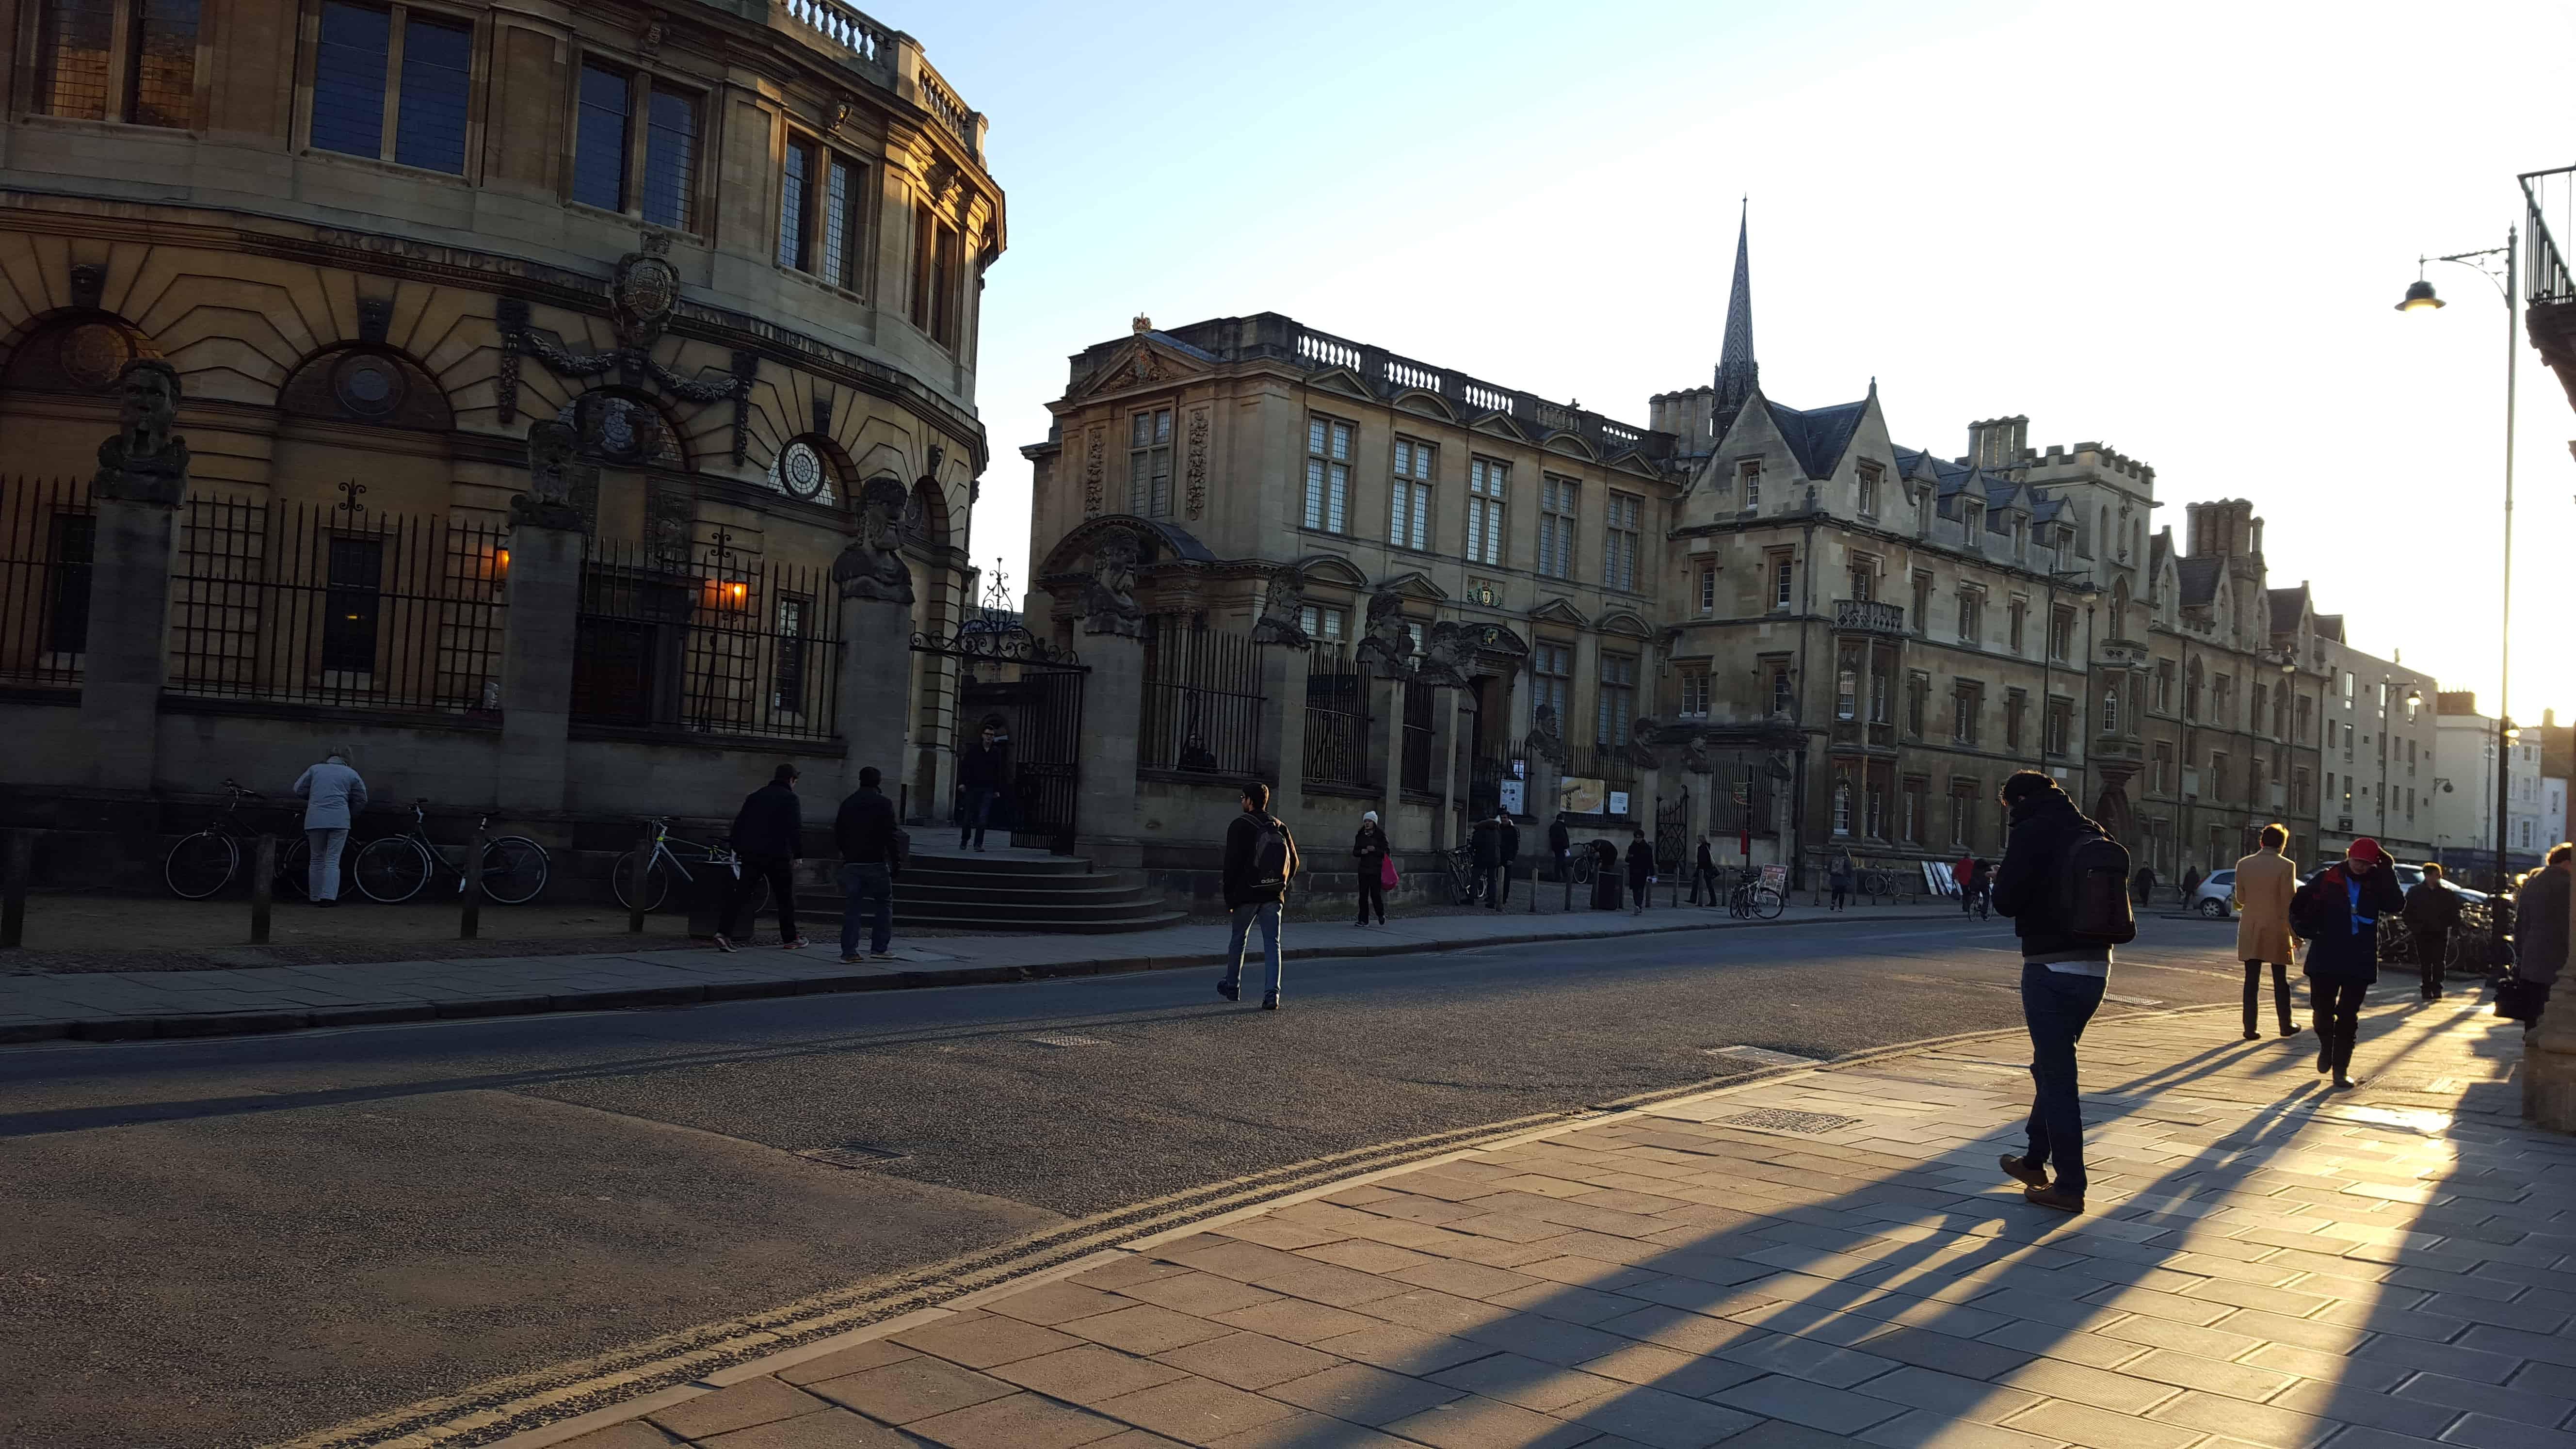 Rua em Oxford Inglaterra